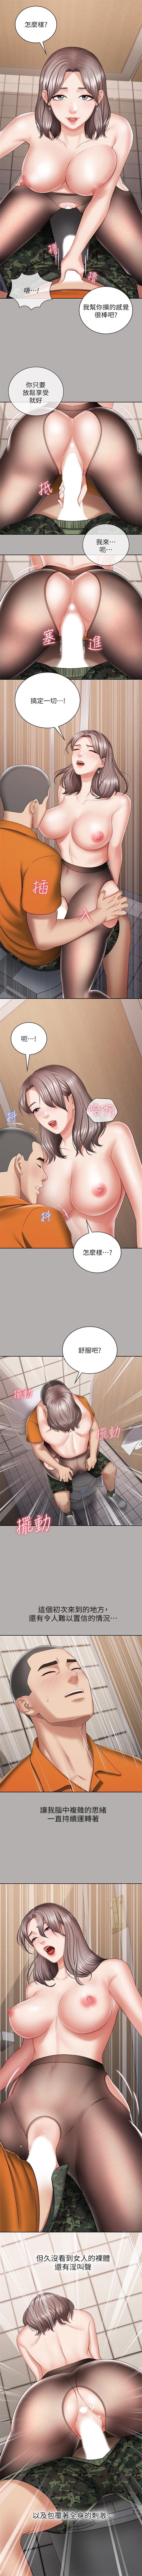 妹妹的義務 1-38 官方中文(連載中) 166